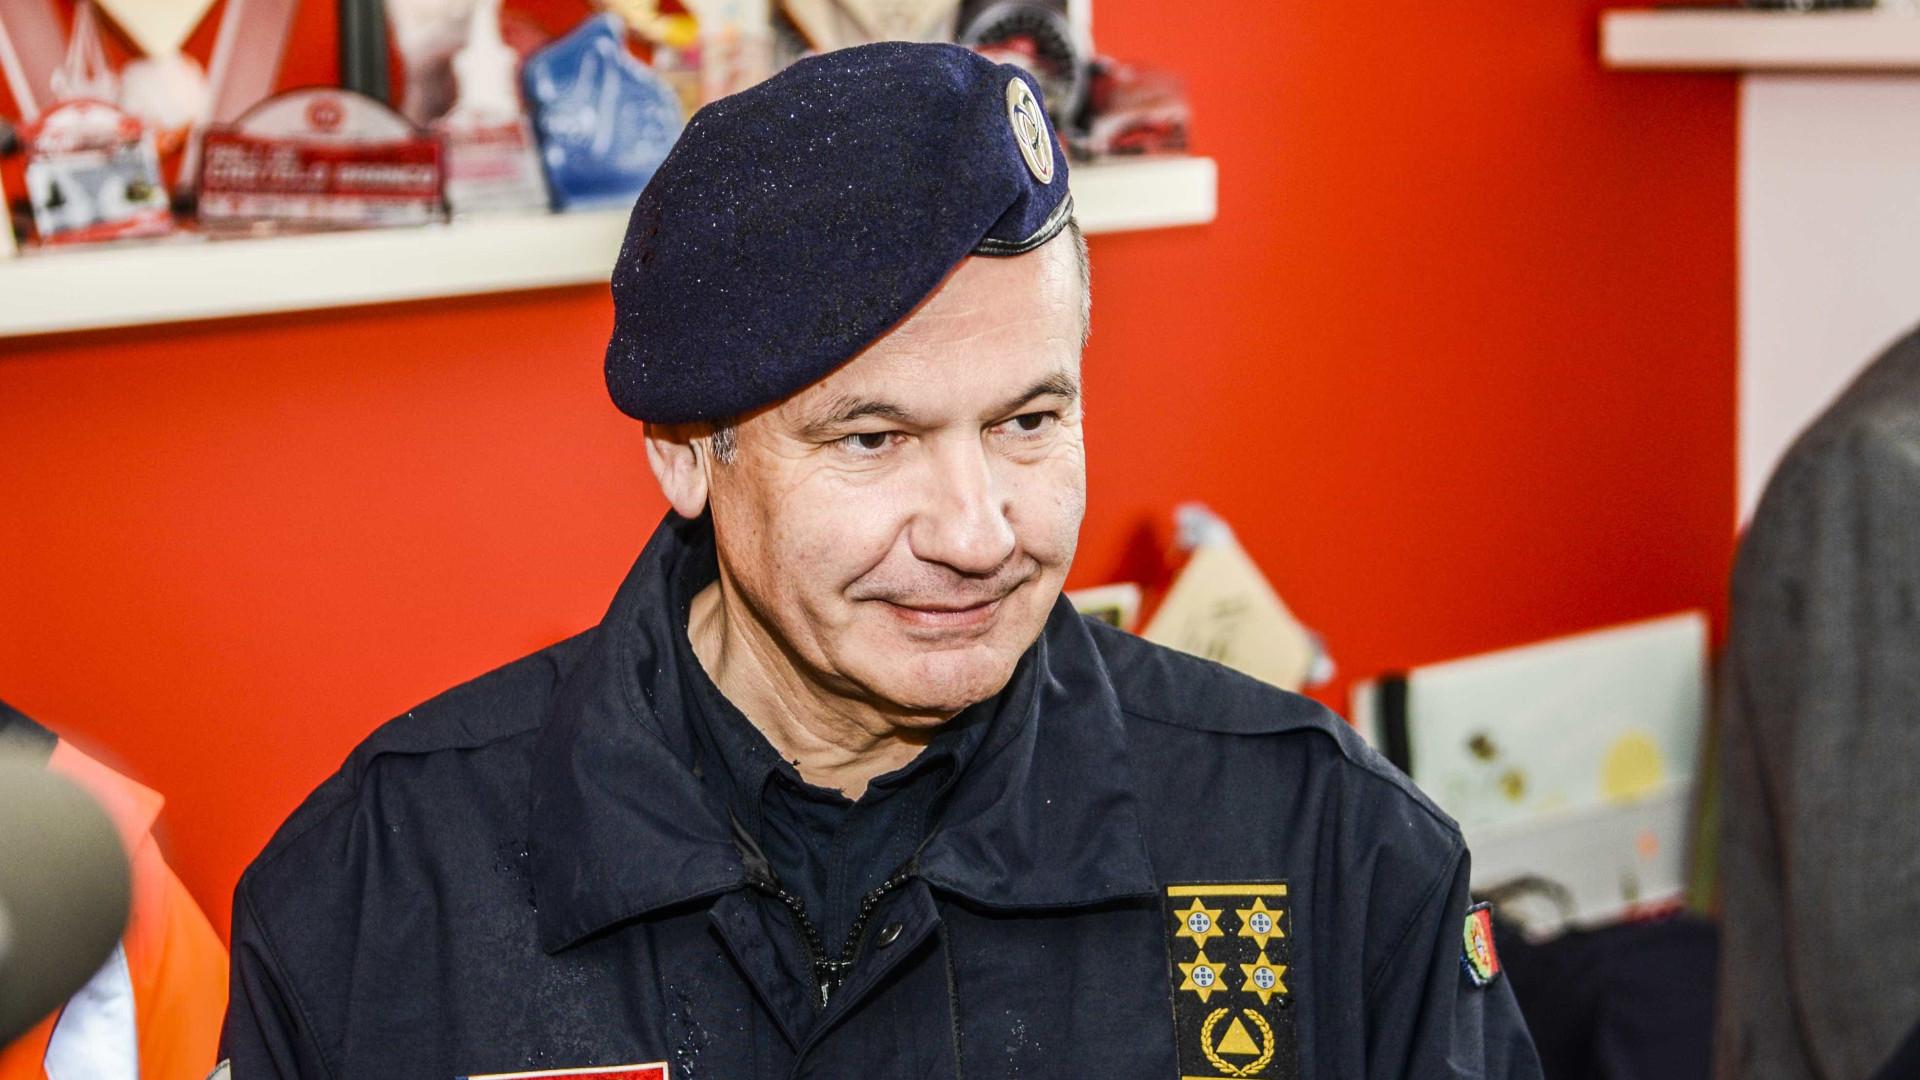 Comandante da Proteção Civil fez a licenciatura com 90% de equivalências